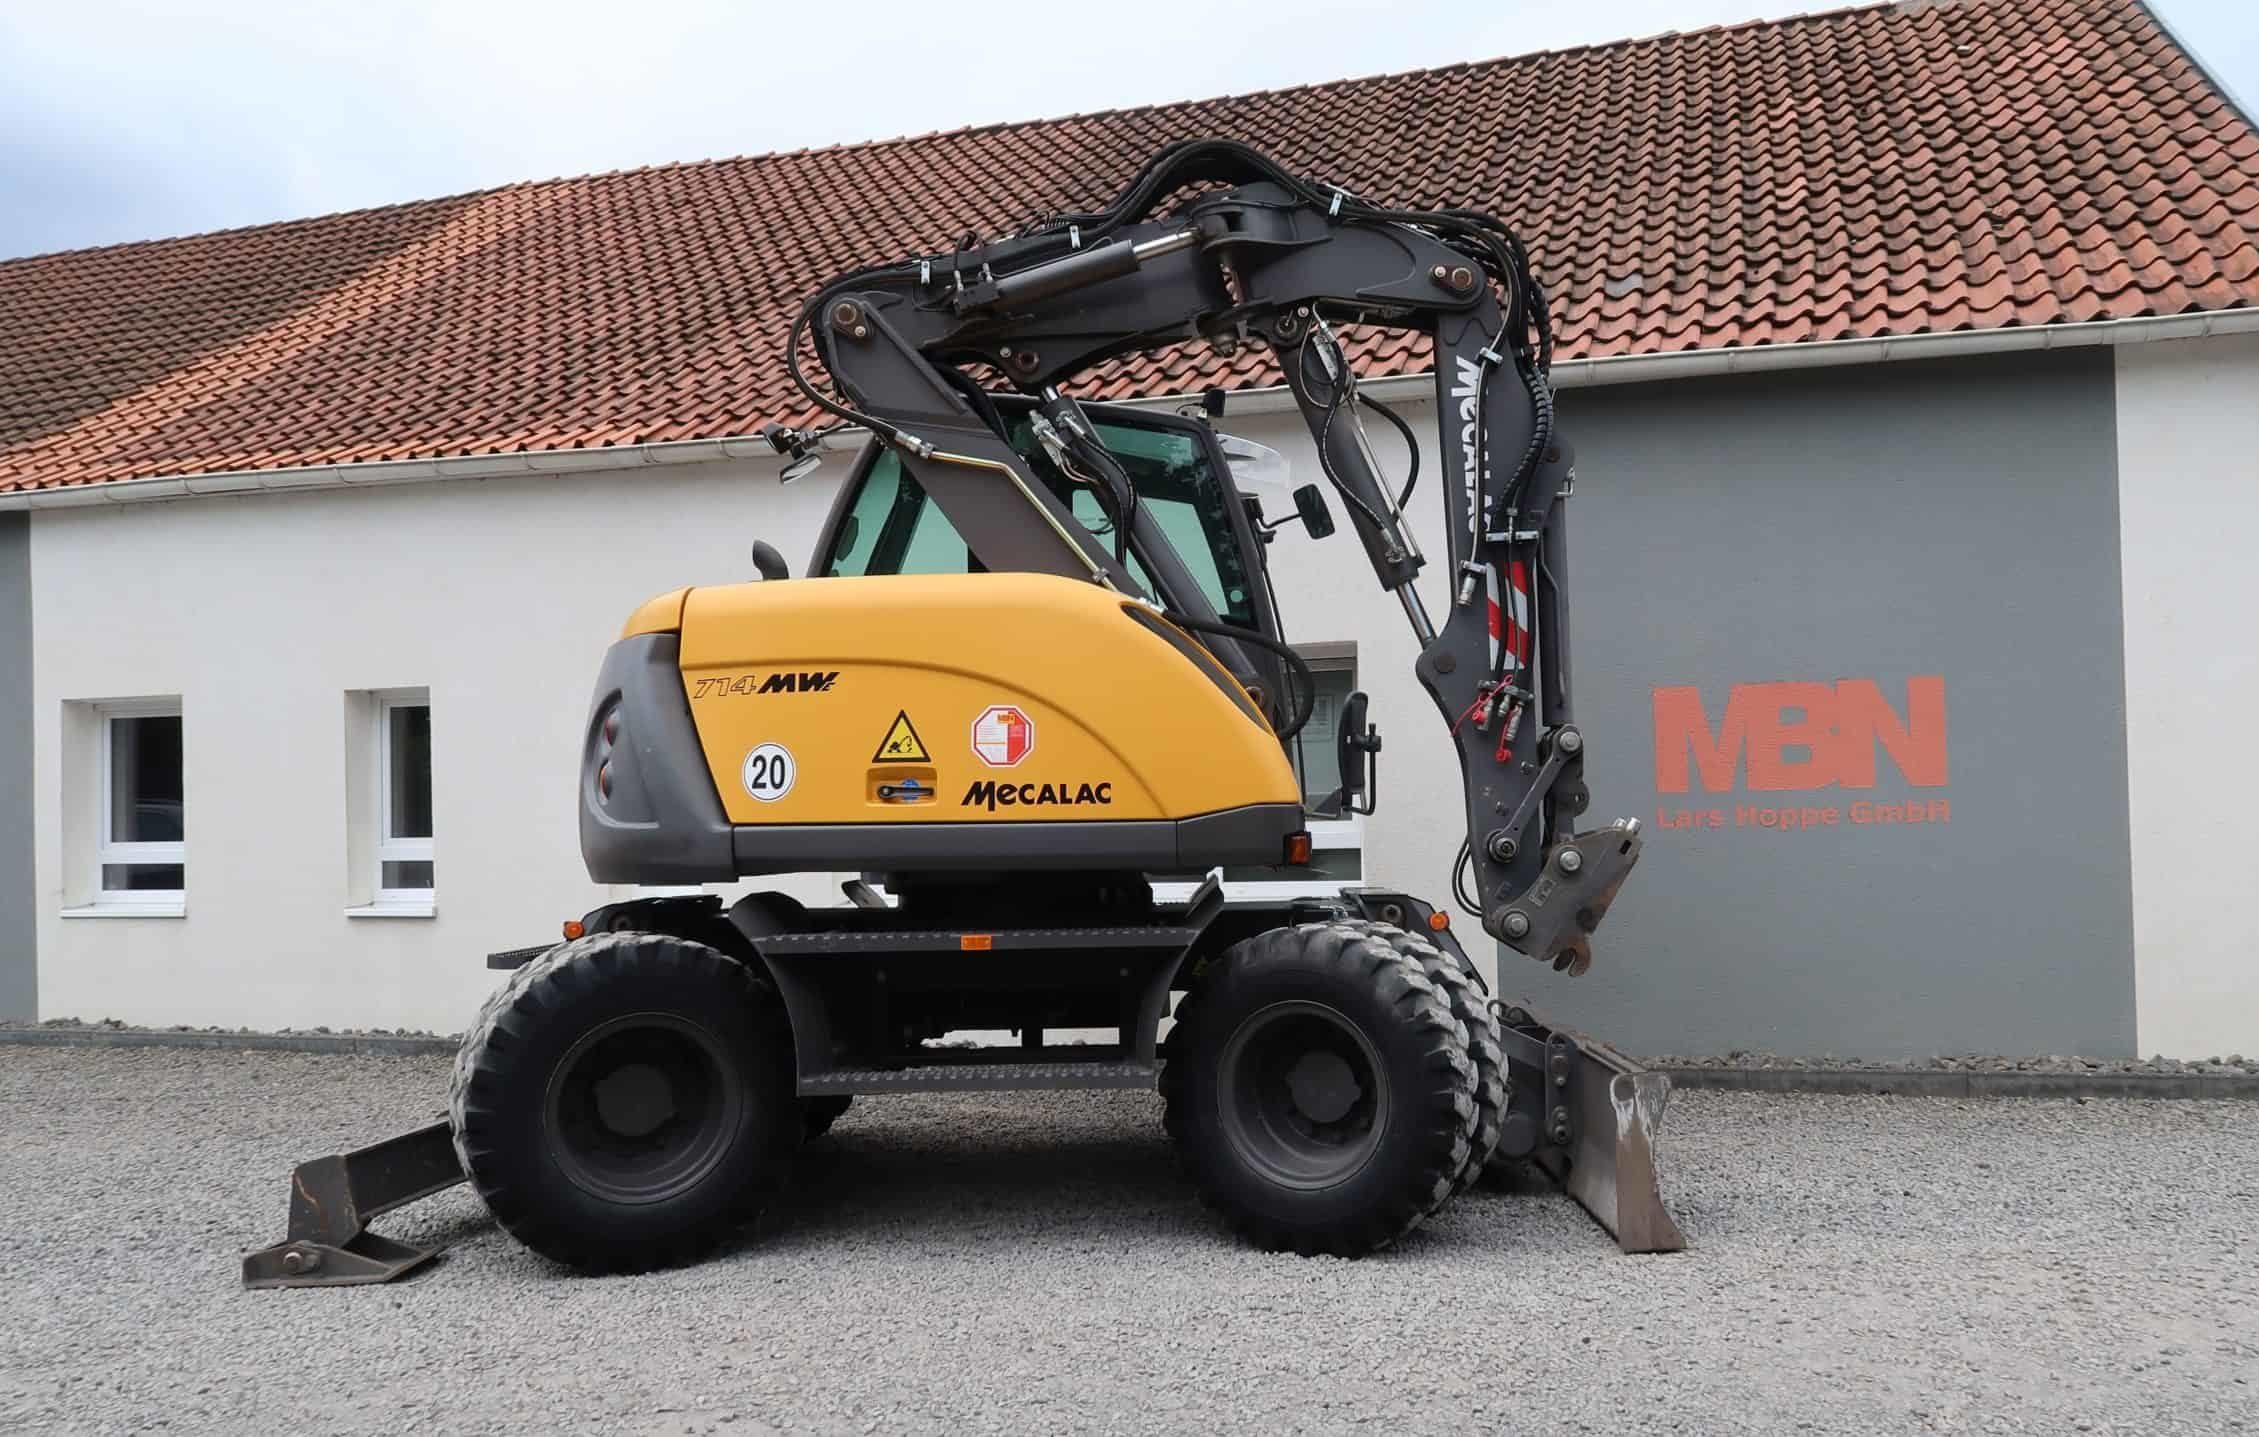 Mecalac-714-MWe-MBN-gebraucht-kaufen